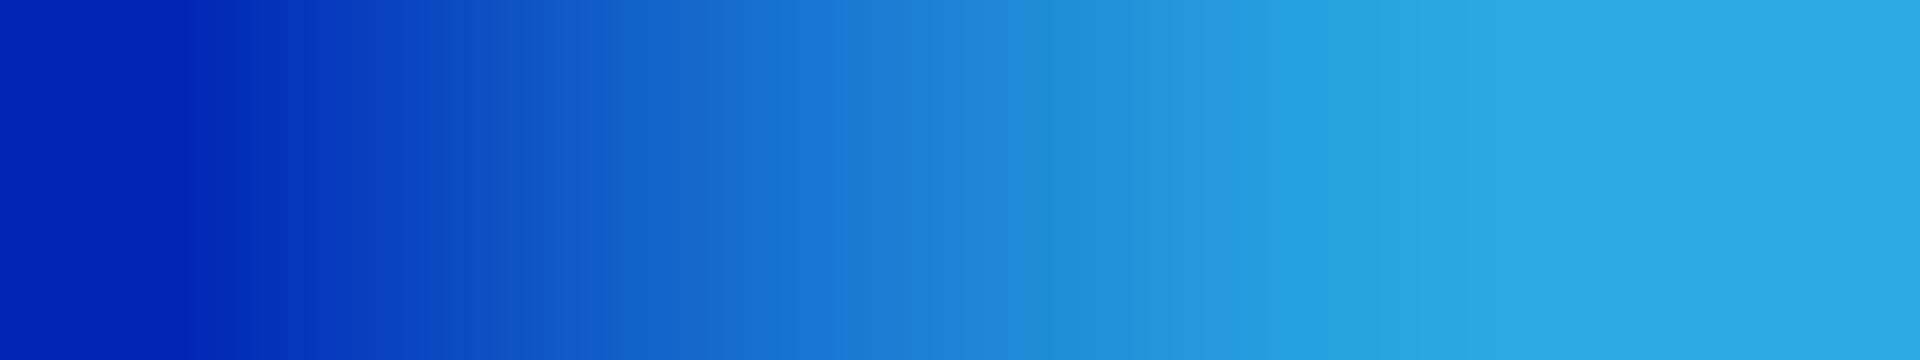 BLUE-GRADIENT-STRIP.png